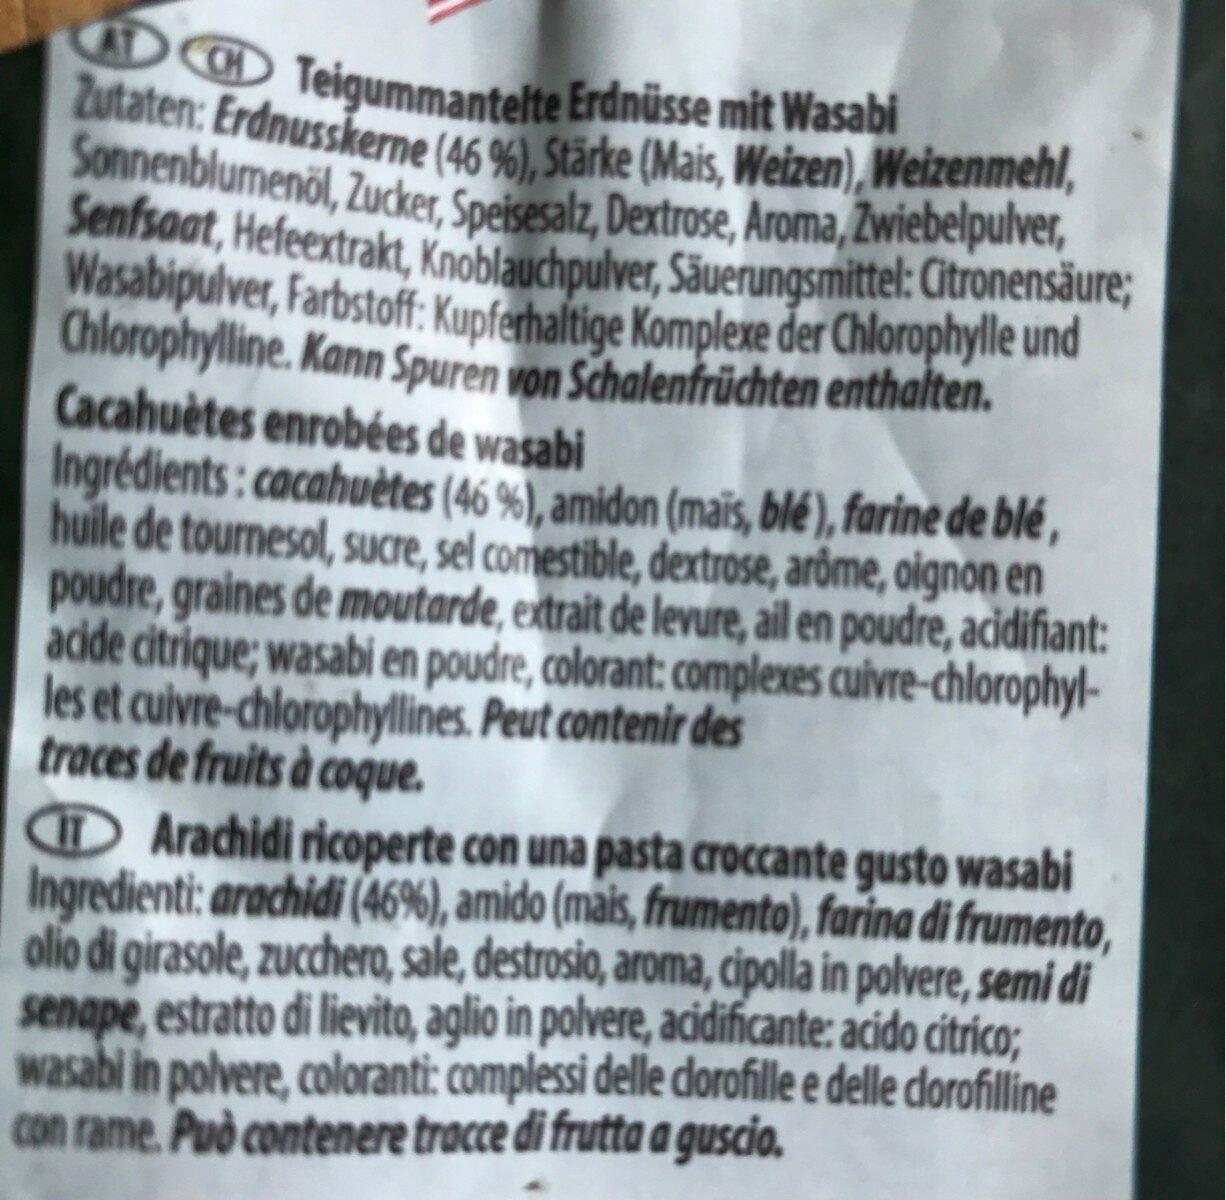 Cacahuètes enrobées de Wasabi - Ingredienti - de